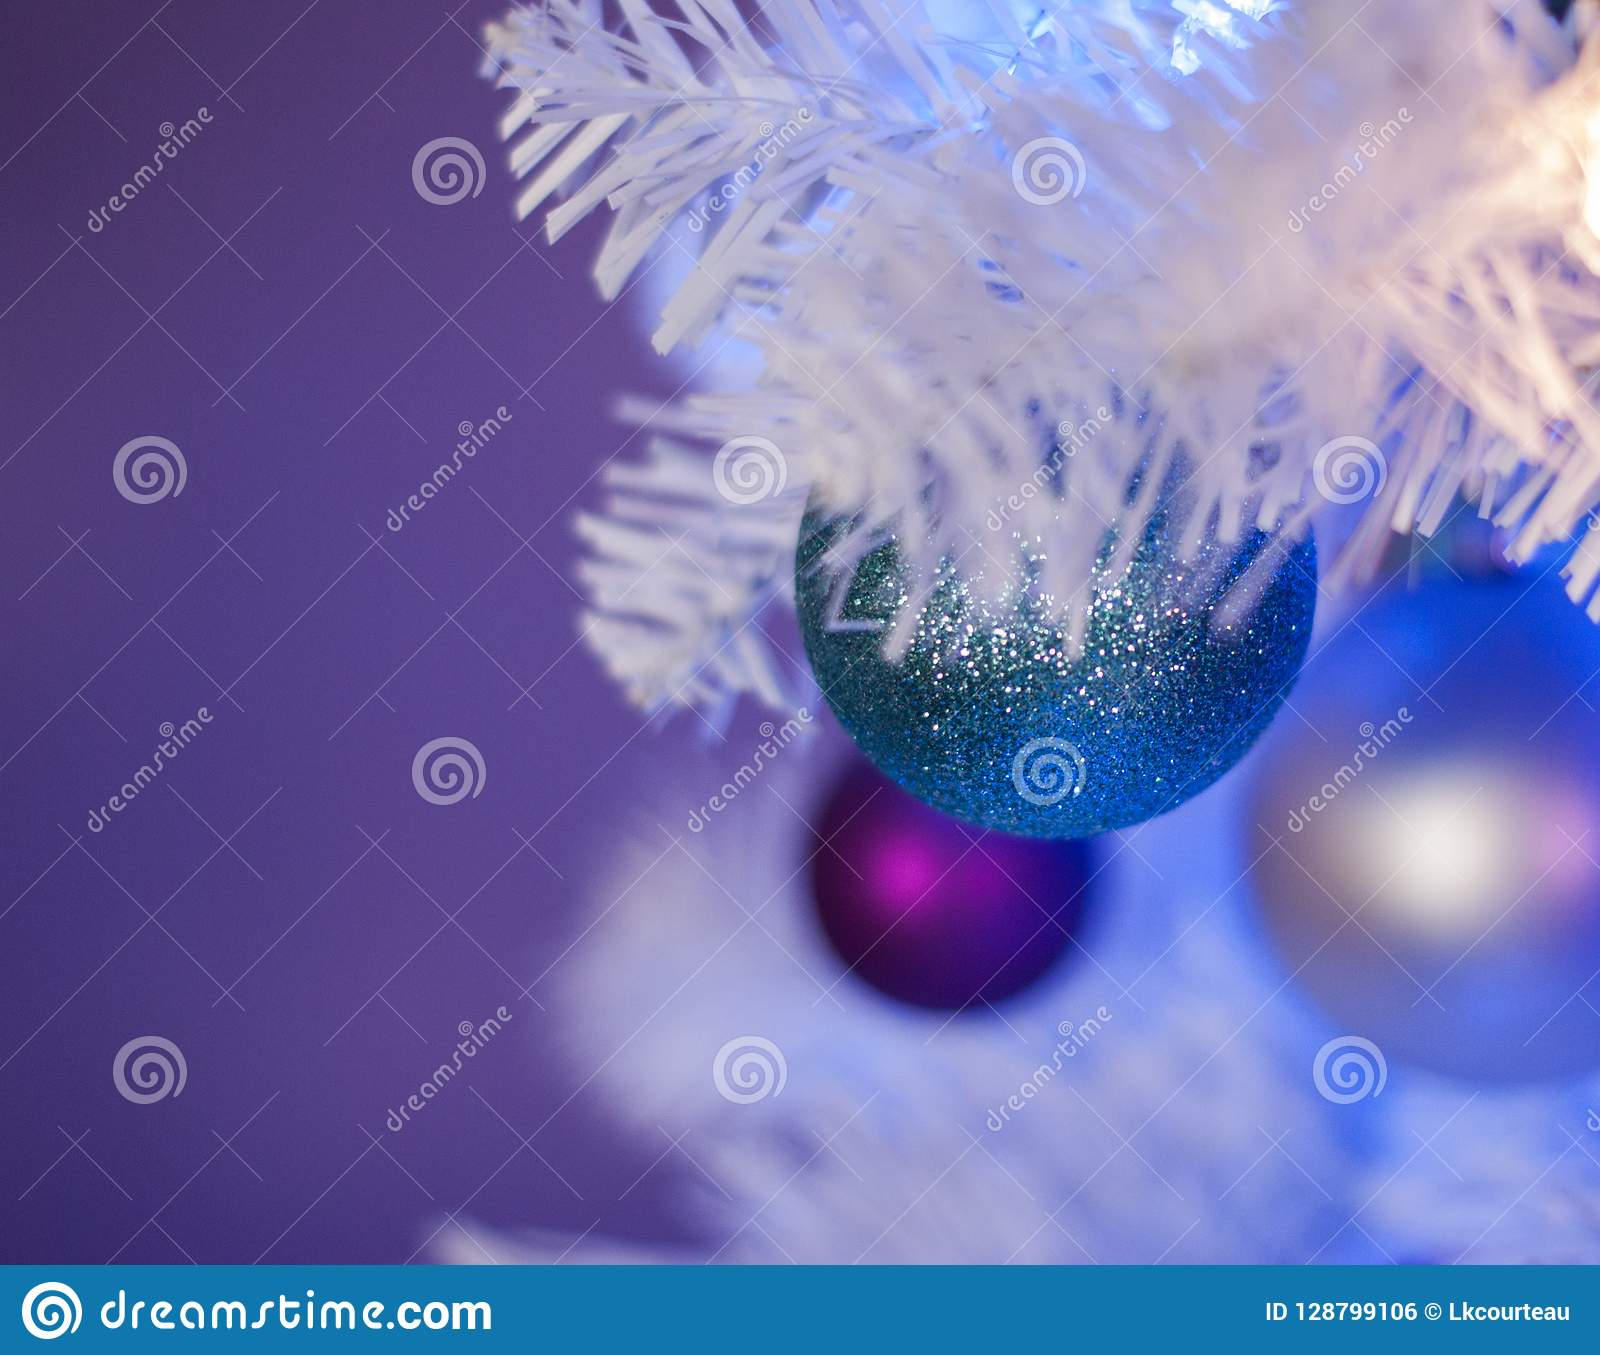 Άσπρο χριστουγεννιάτικο δέντρο με τα μπλε φω τα, άσπρα φω τα, τυρκουάζ διακόσμηση στο μέτωπο